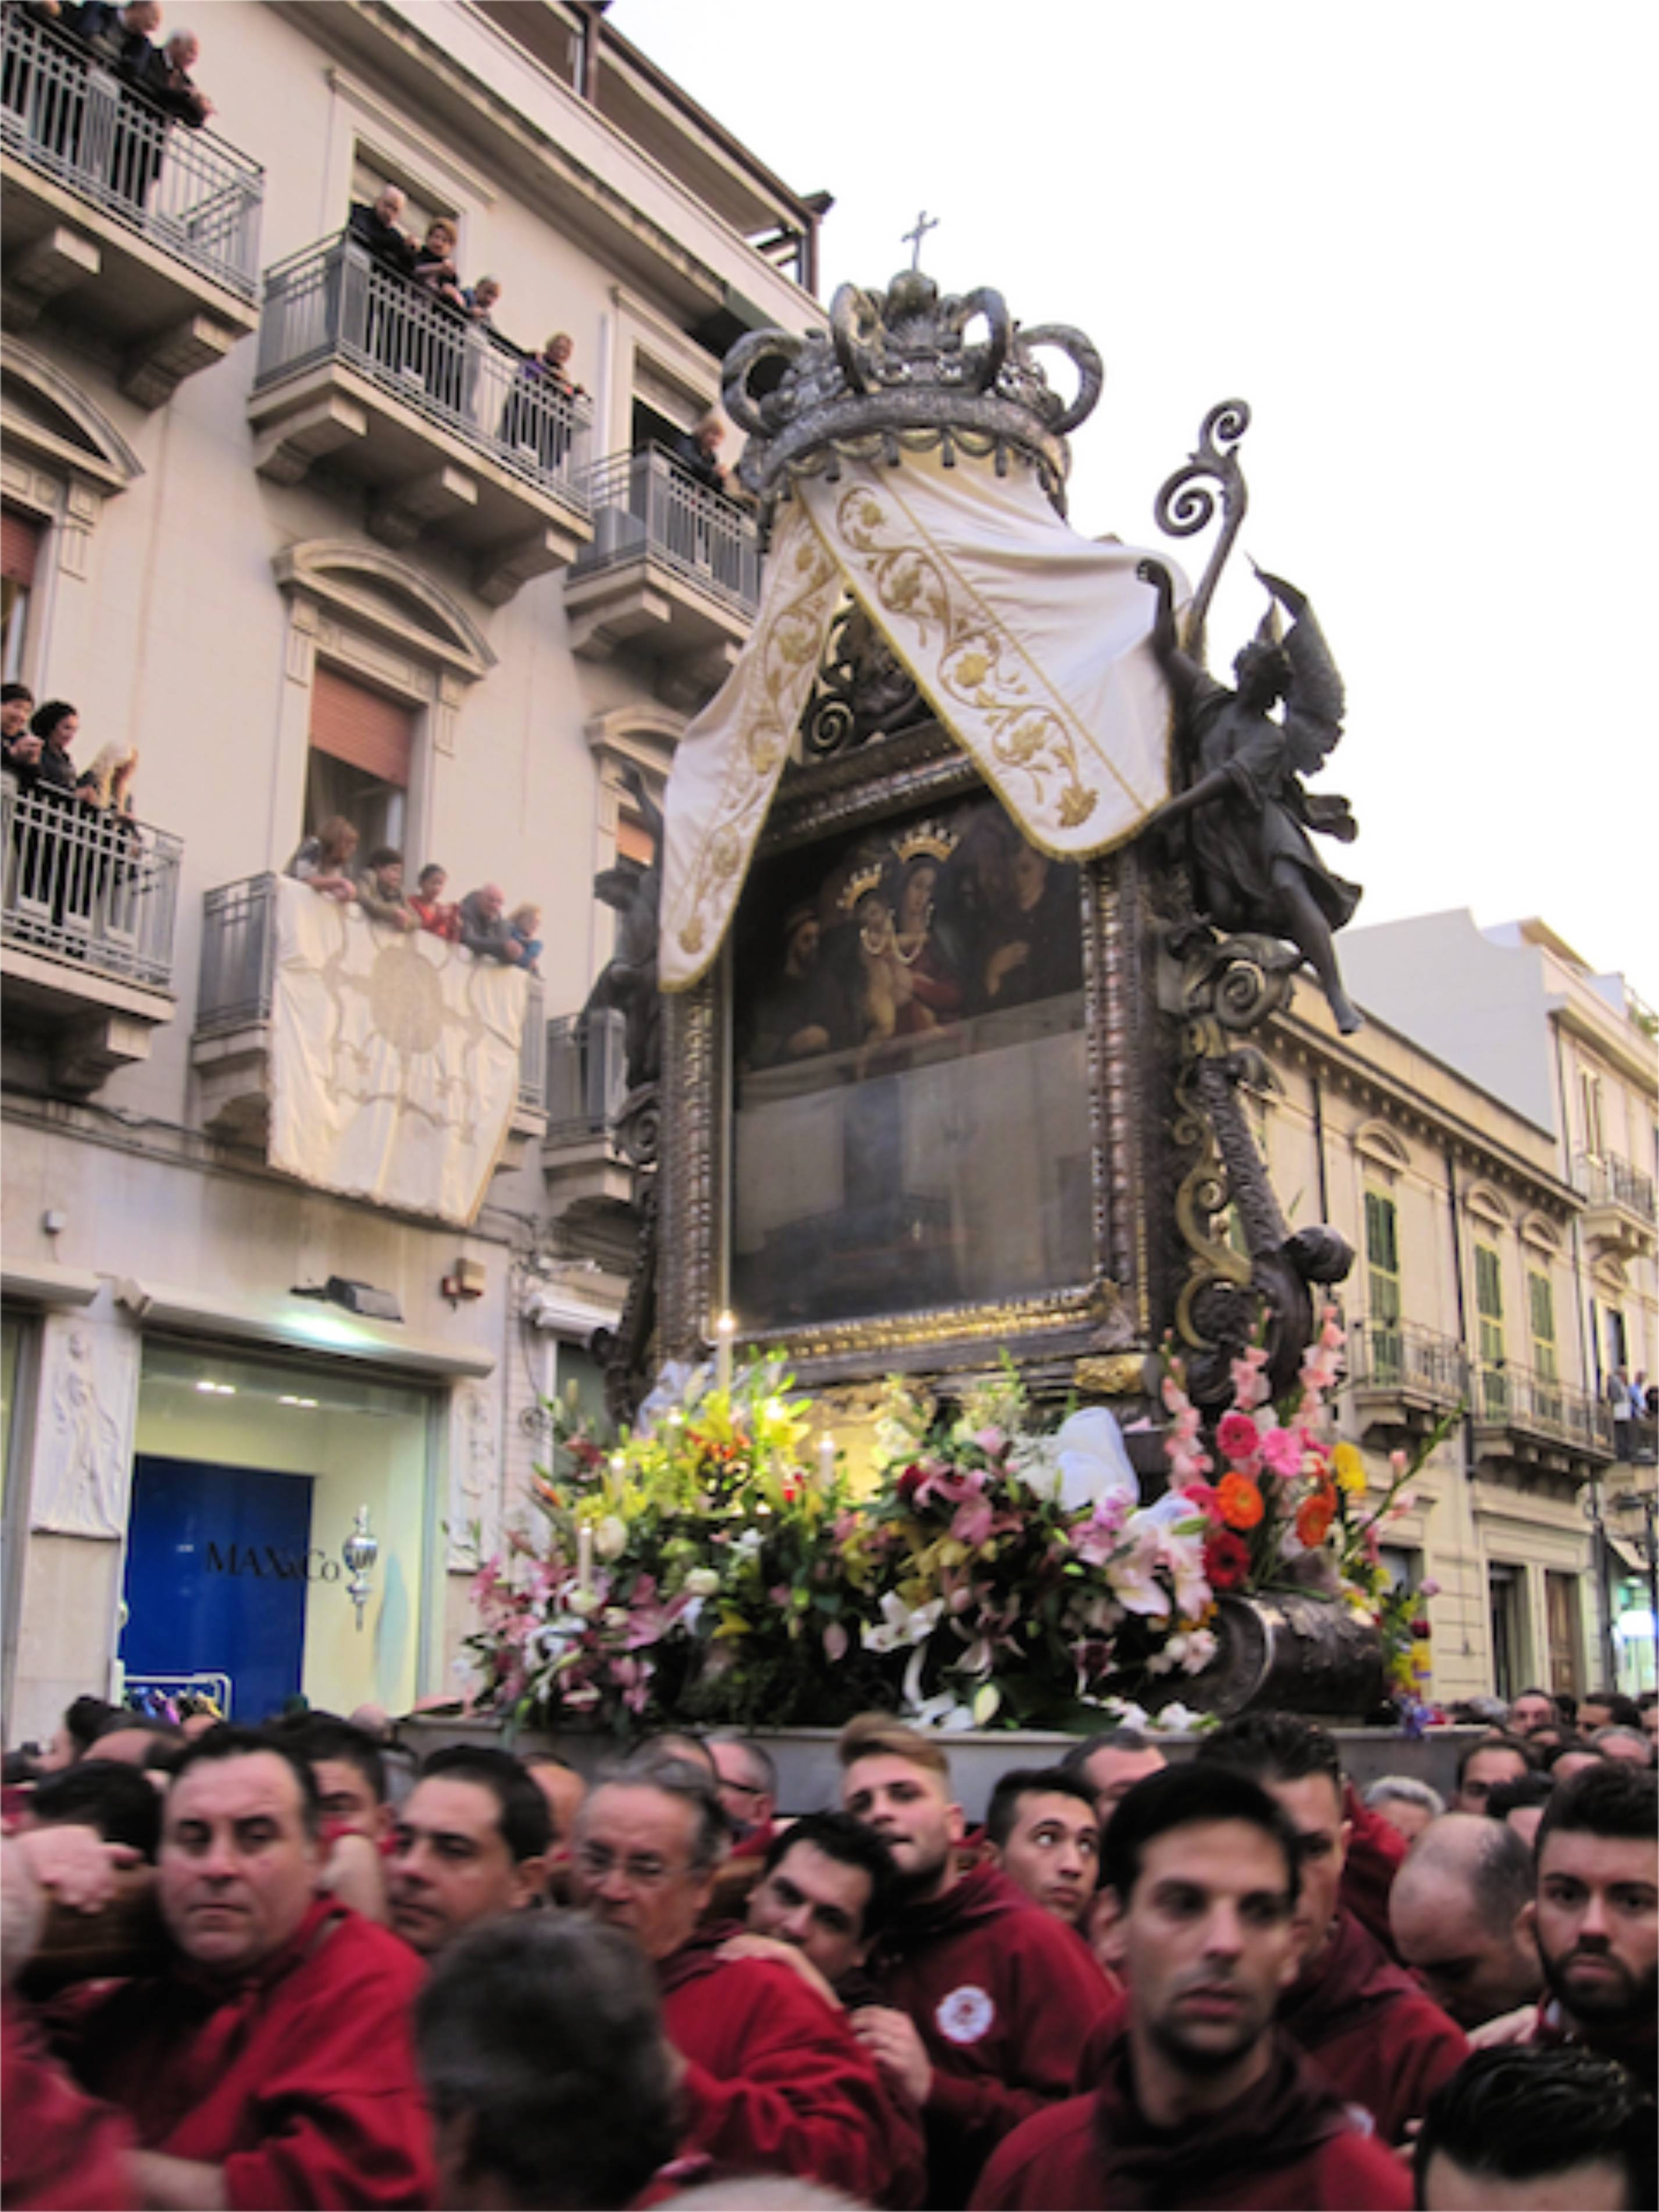 Festival of the Madonna, Procession in Reggio Calabria